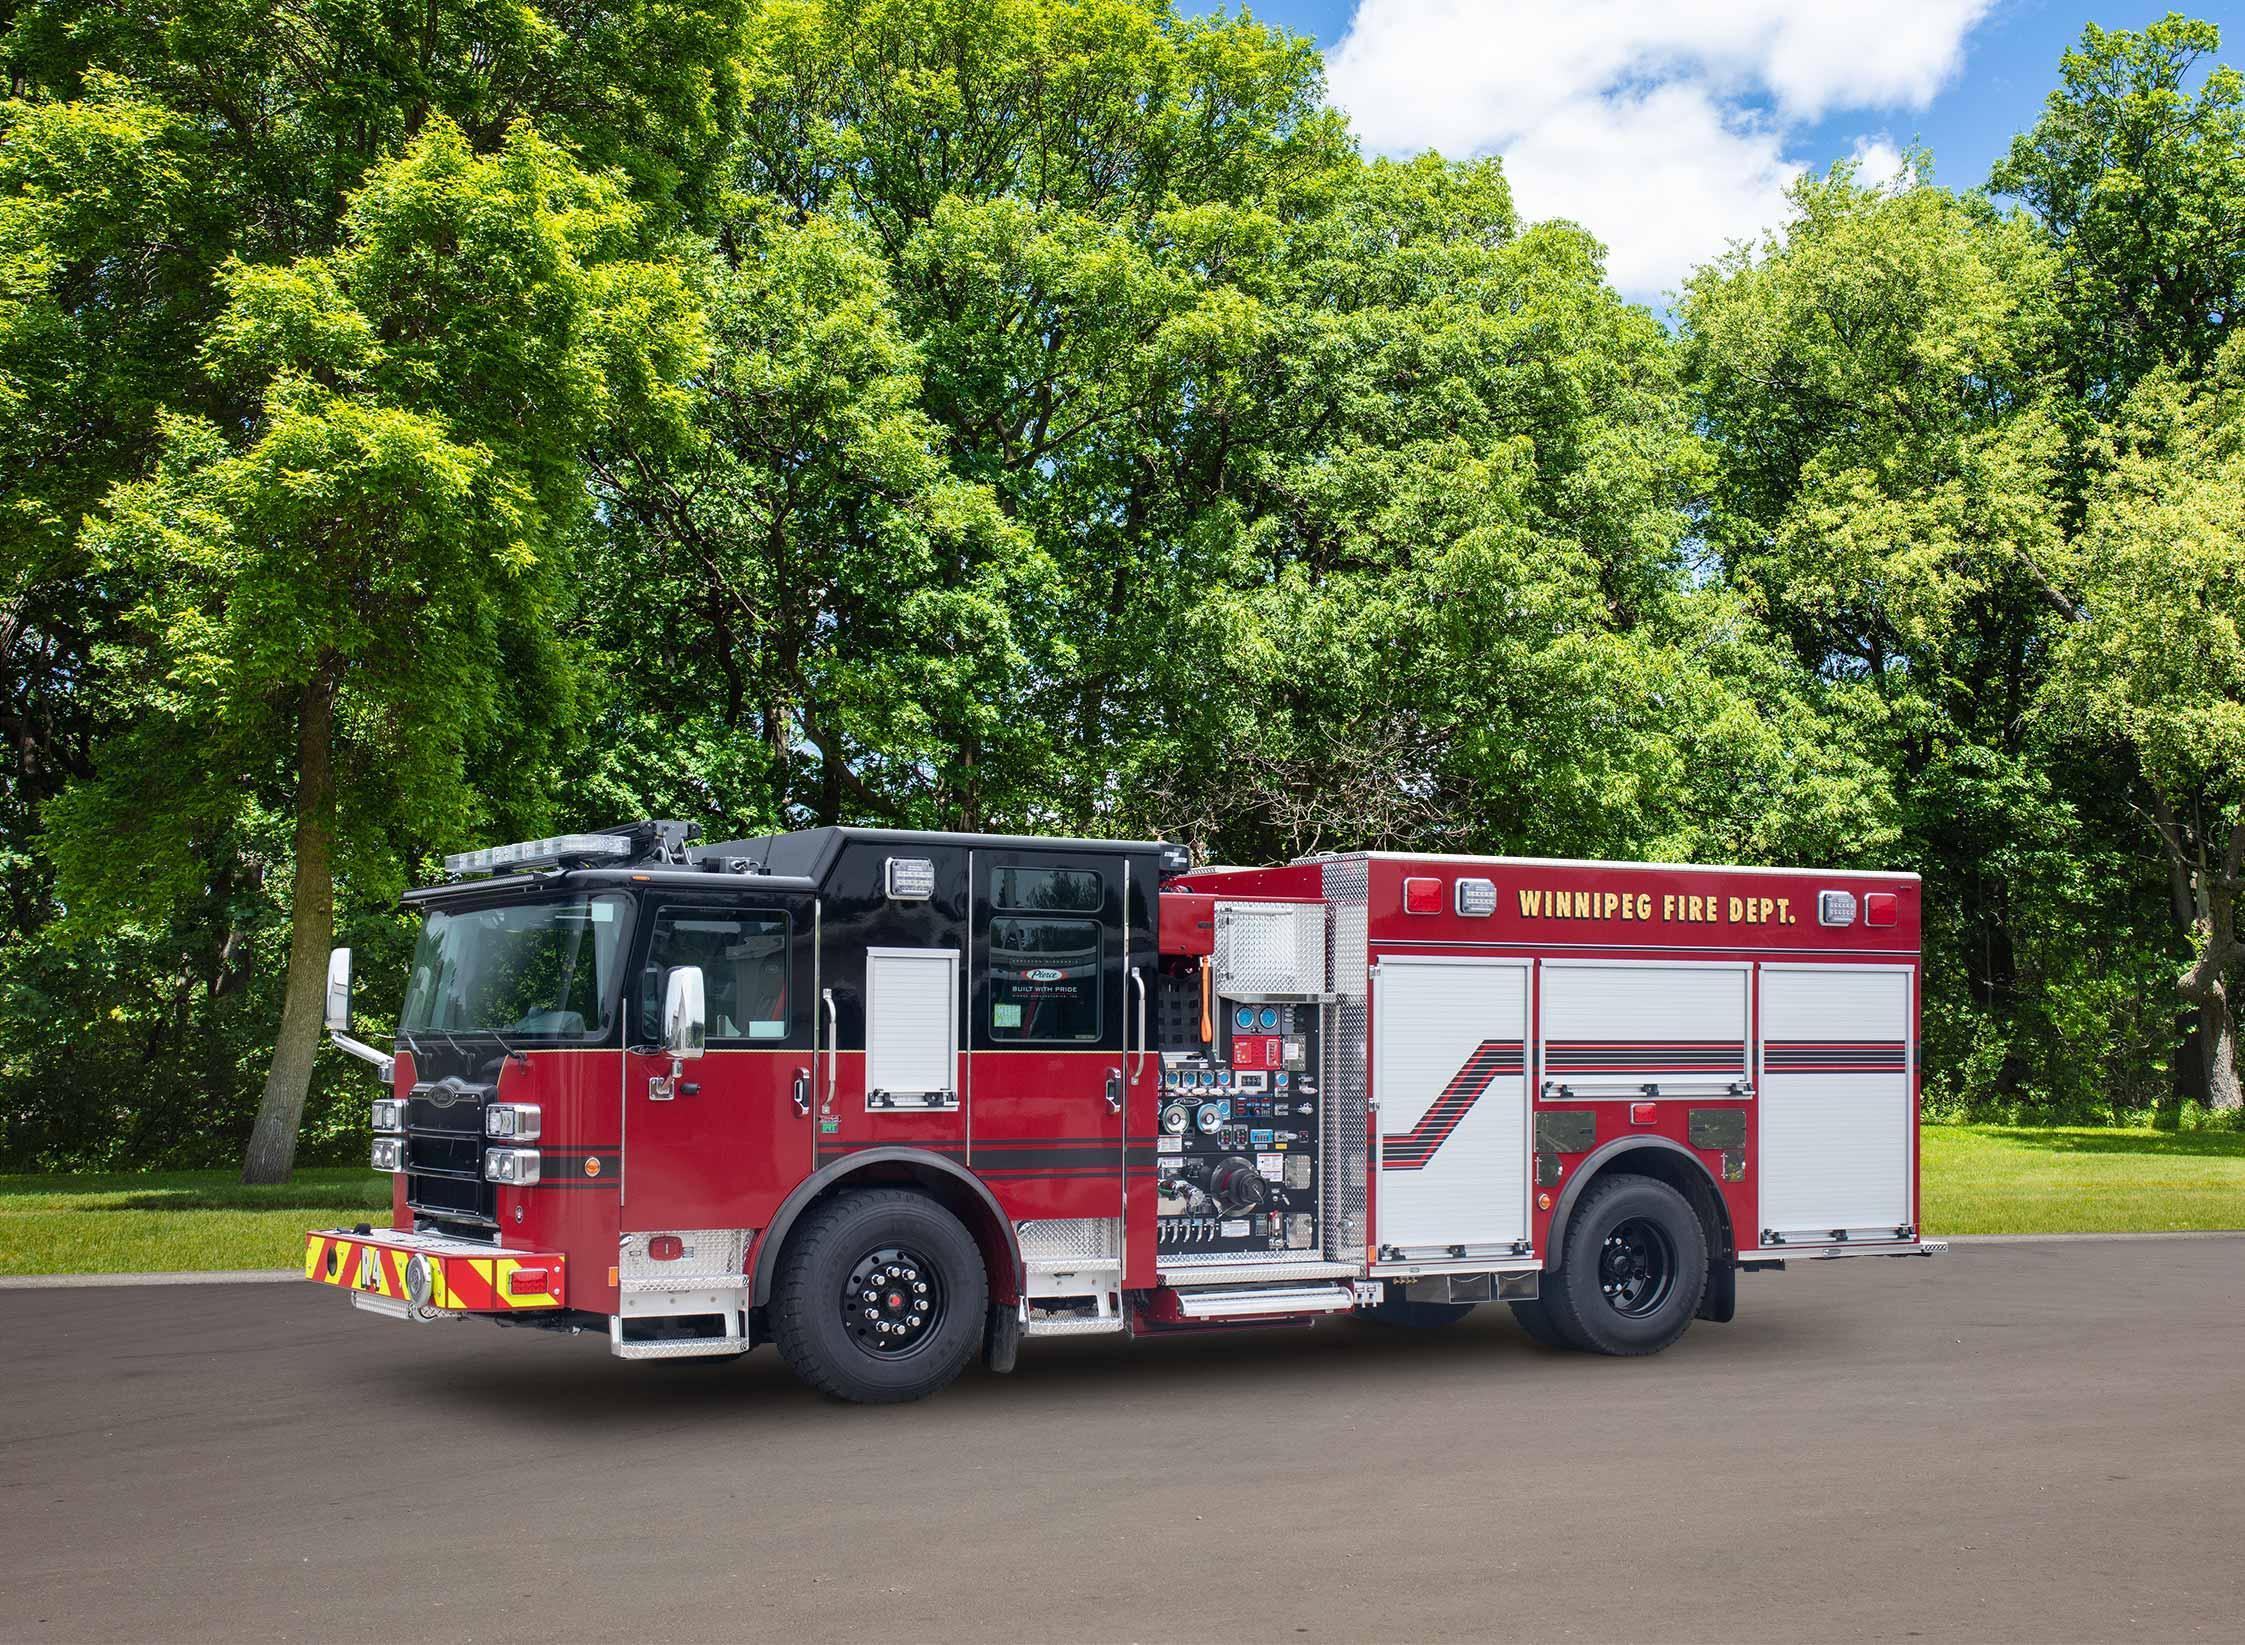 Winnipeg Fire Department - Pumper